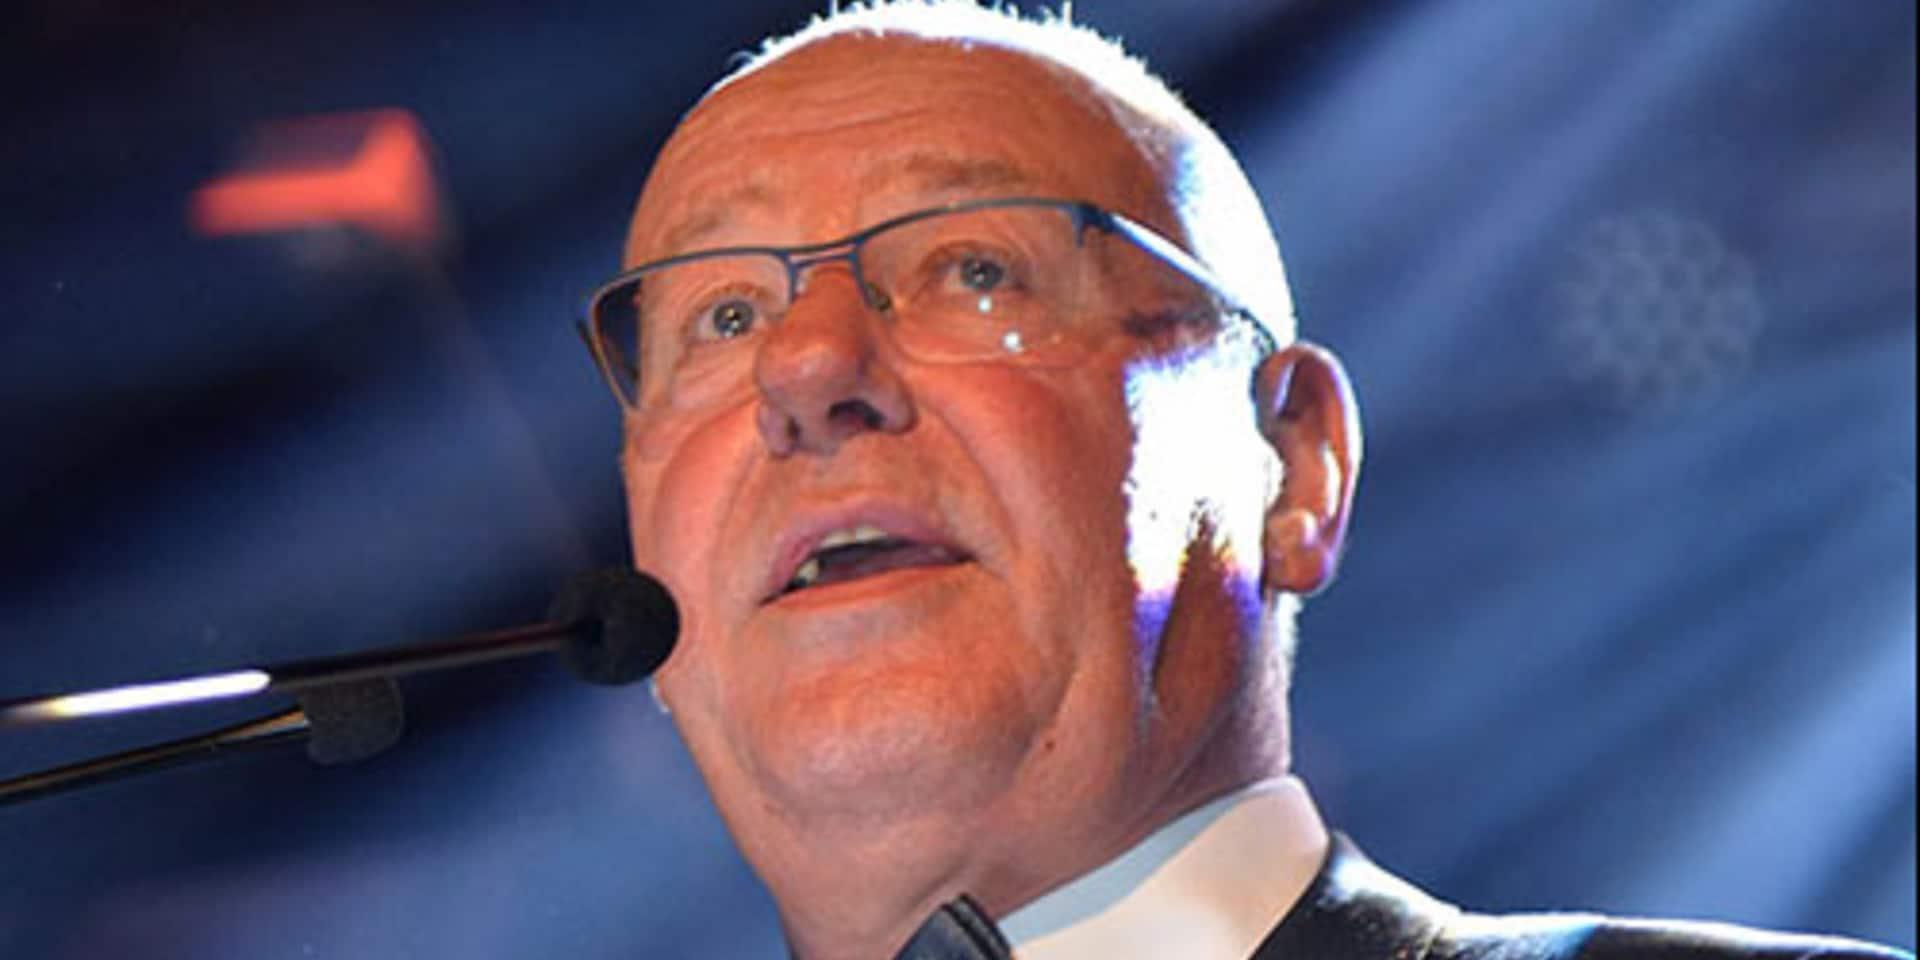 André Roiseux, président de la CCI du Luxembourg belge, décède des suites du coronavirus